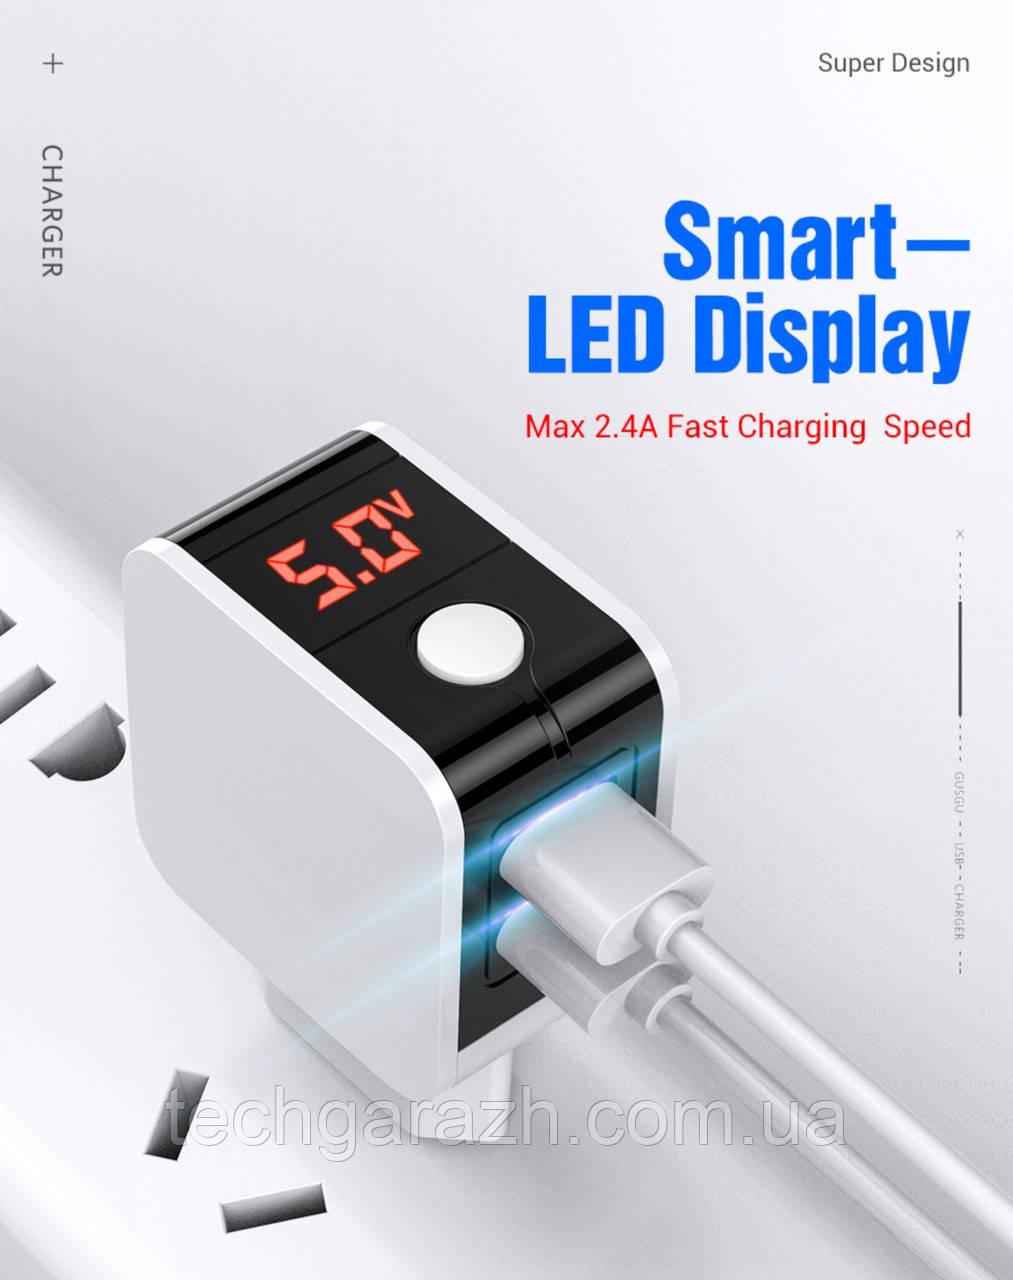 Сетевое зарядное устройство GUSGU 2 x USB для iPhone, Samsung